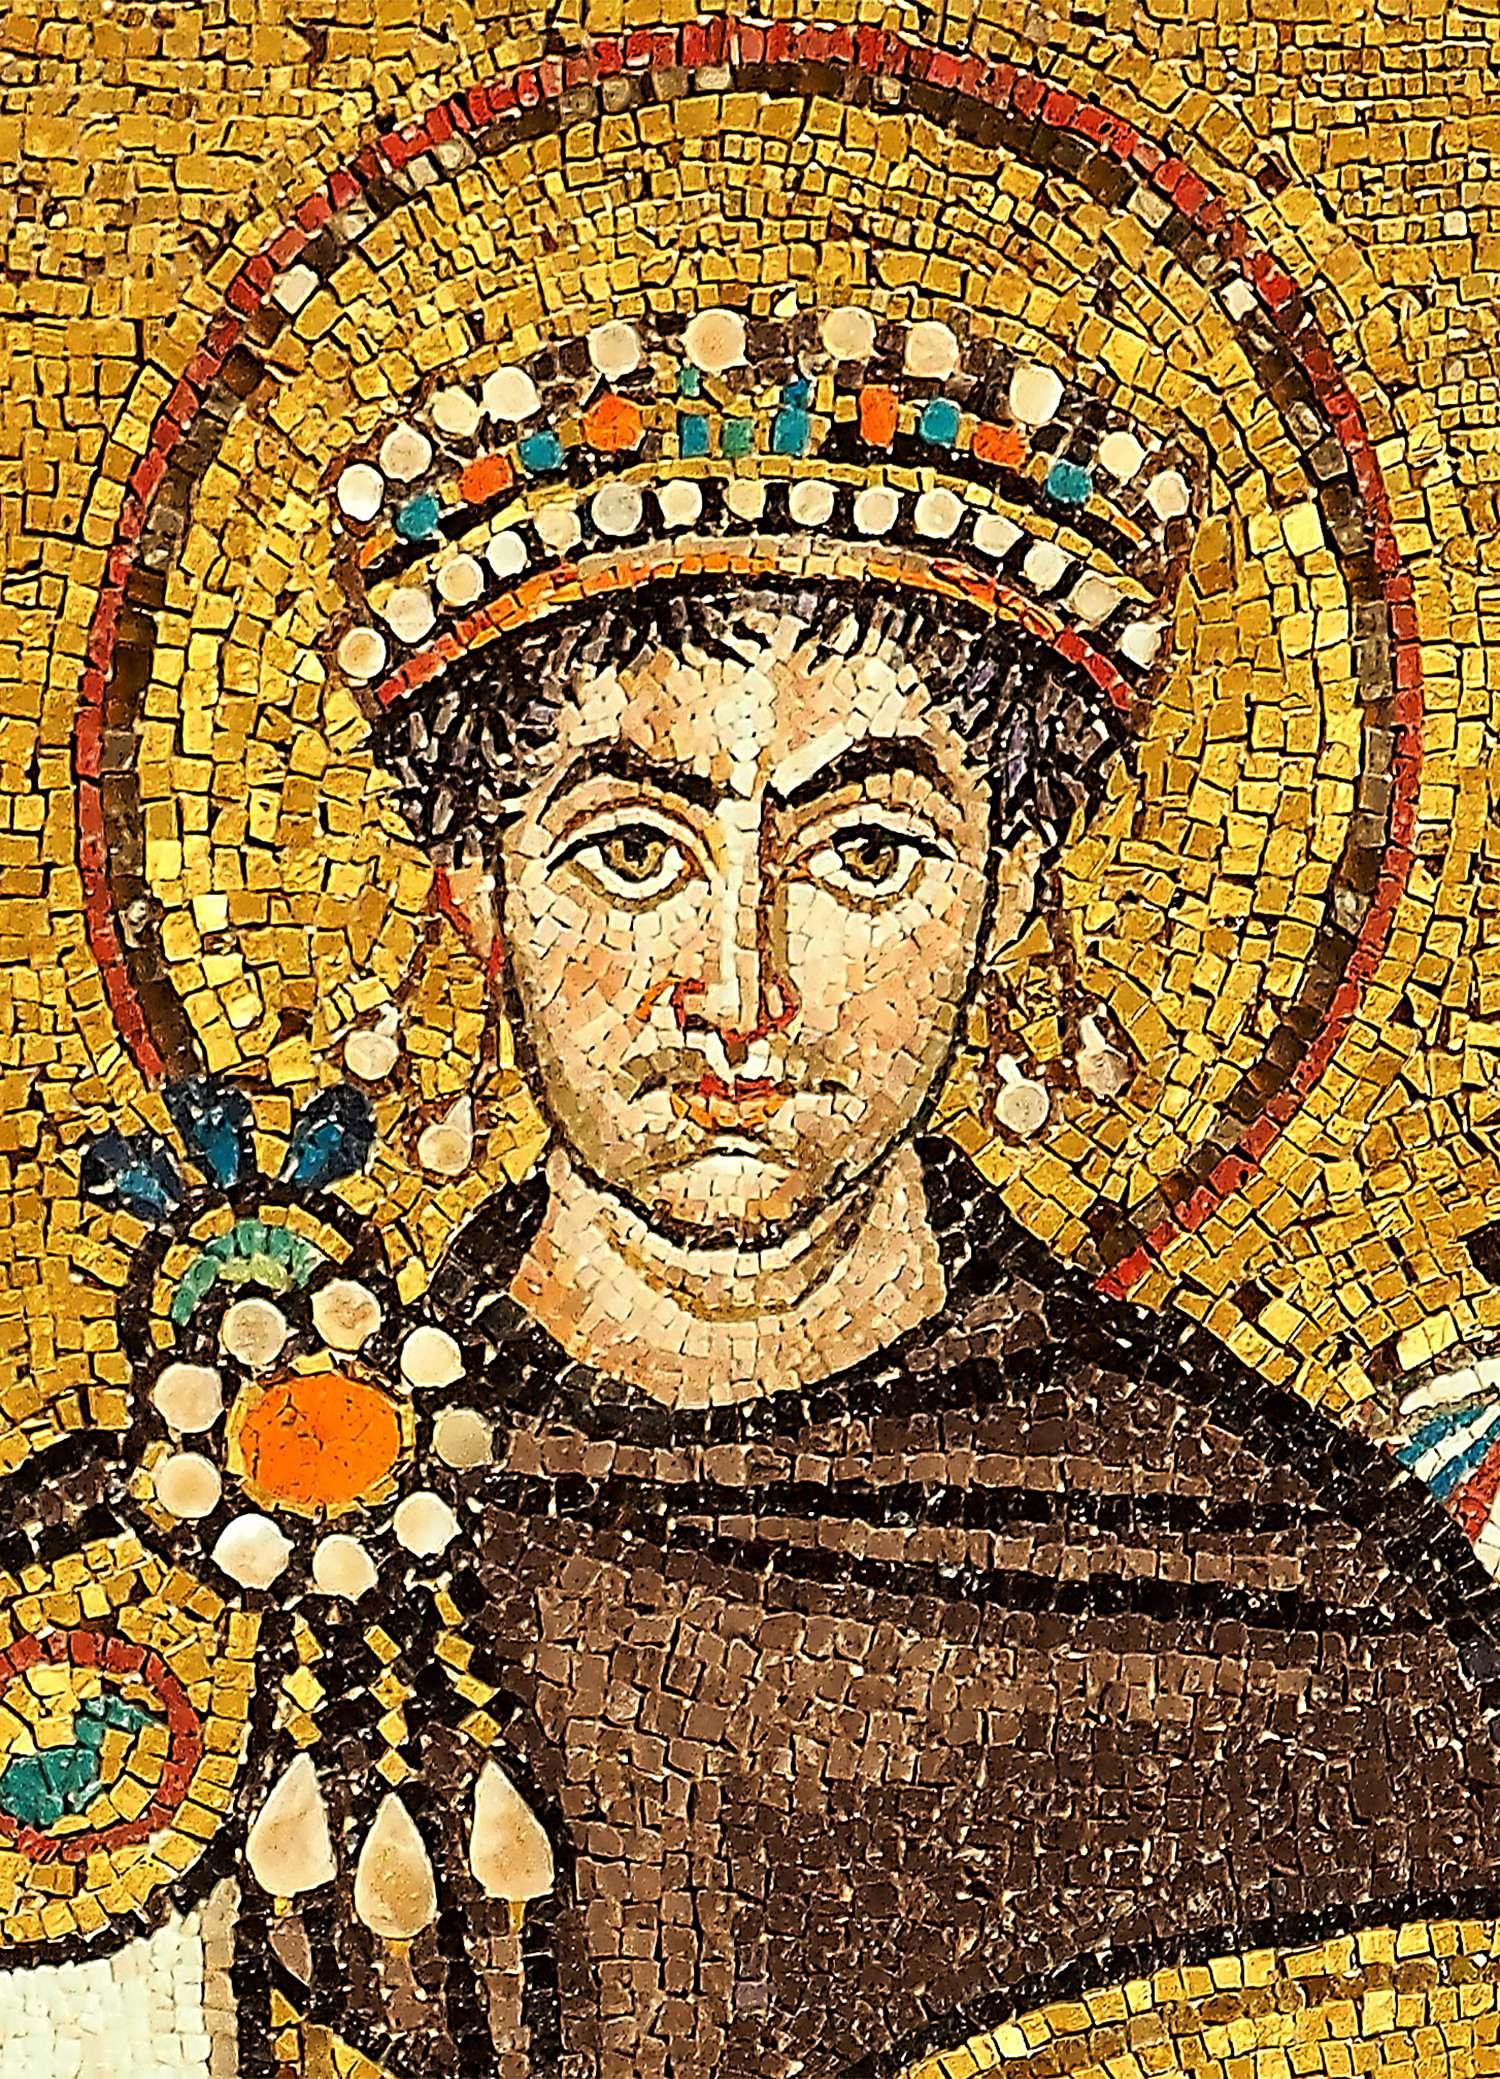 Η μορφή του Ιουστινιανού στα ψηφιδωτά του ναού του Αγίου Βιταλίου, στη Ραβέννα